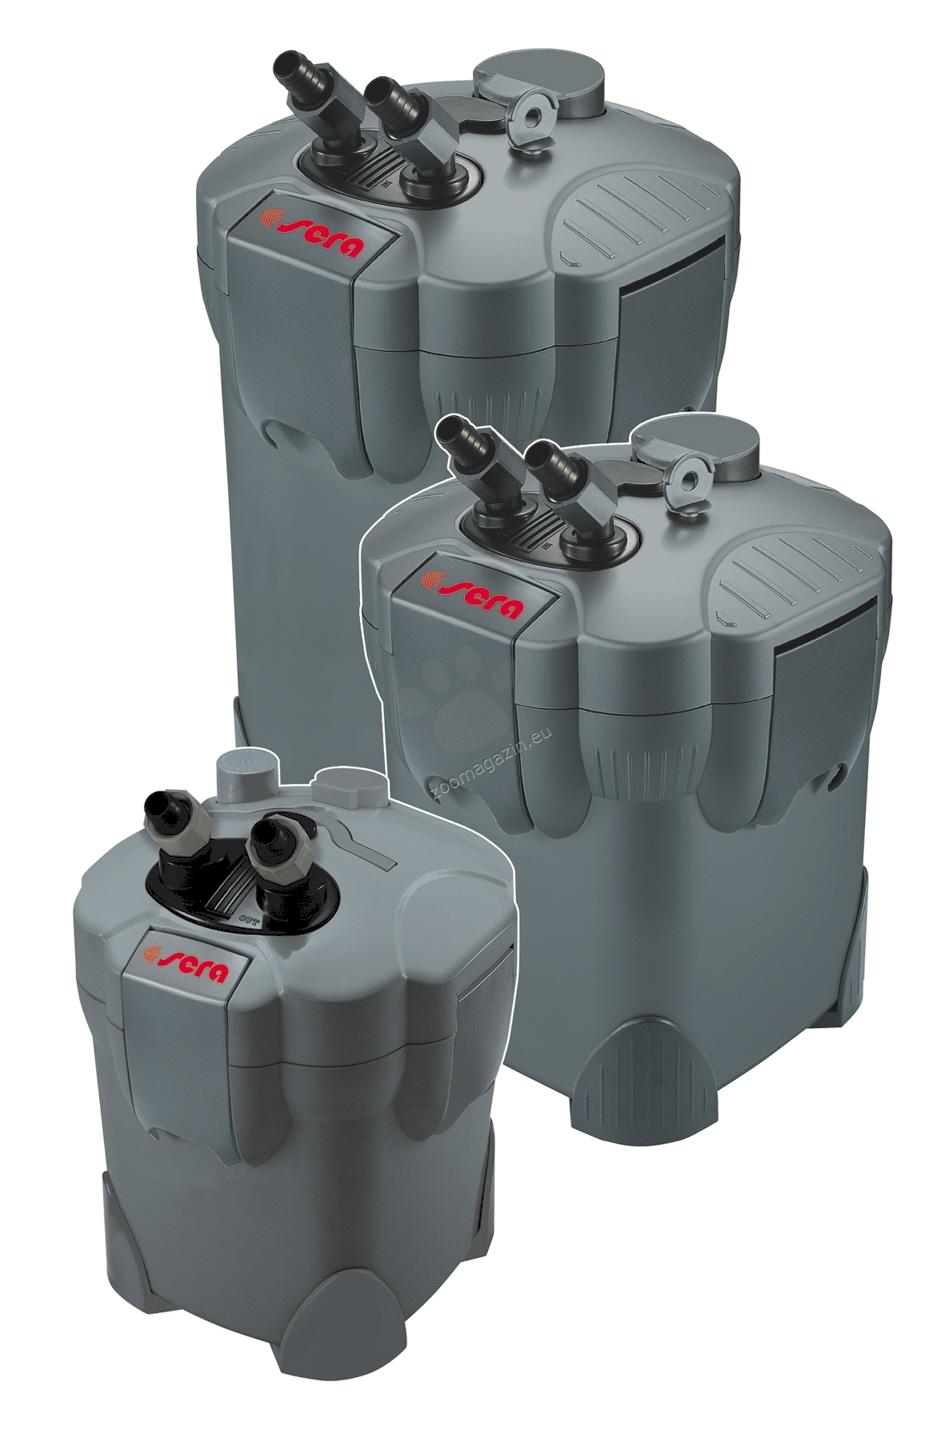 Sera - Fil Bioactive 400 + UV - външен филтър с интегрираната UV-C система, 1100 л/ч. за аквариуми до 400 л.